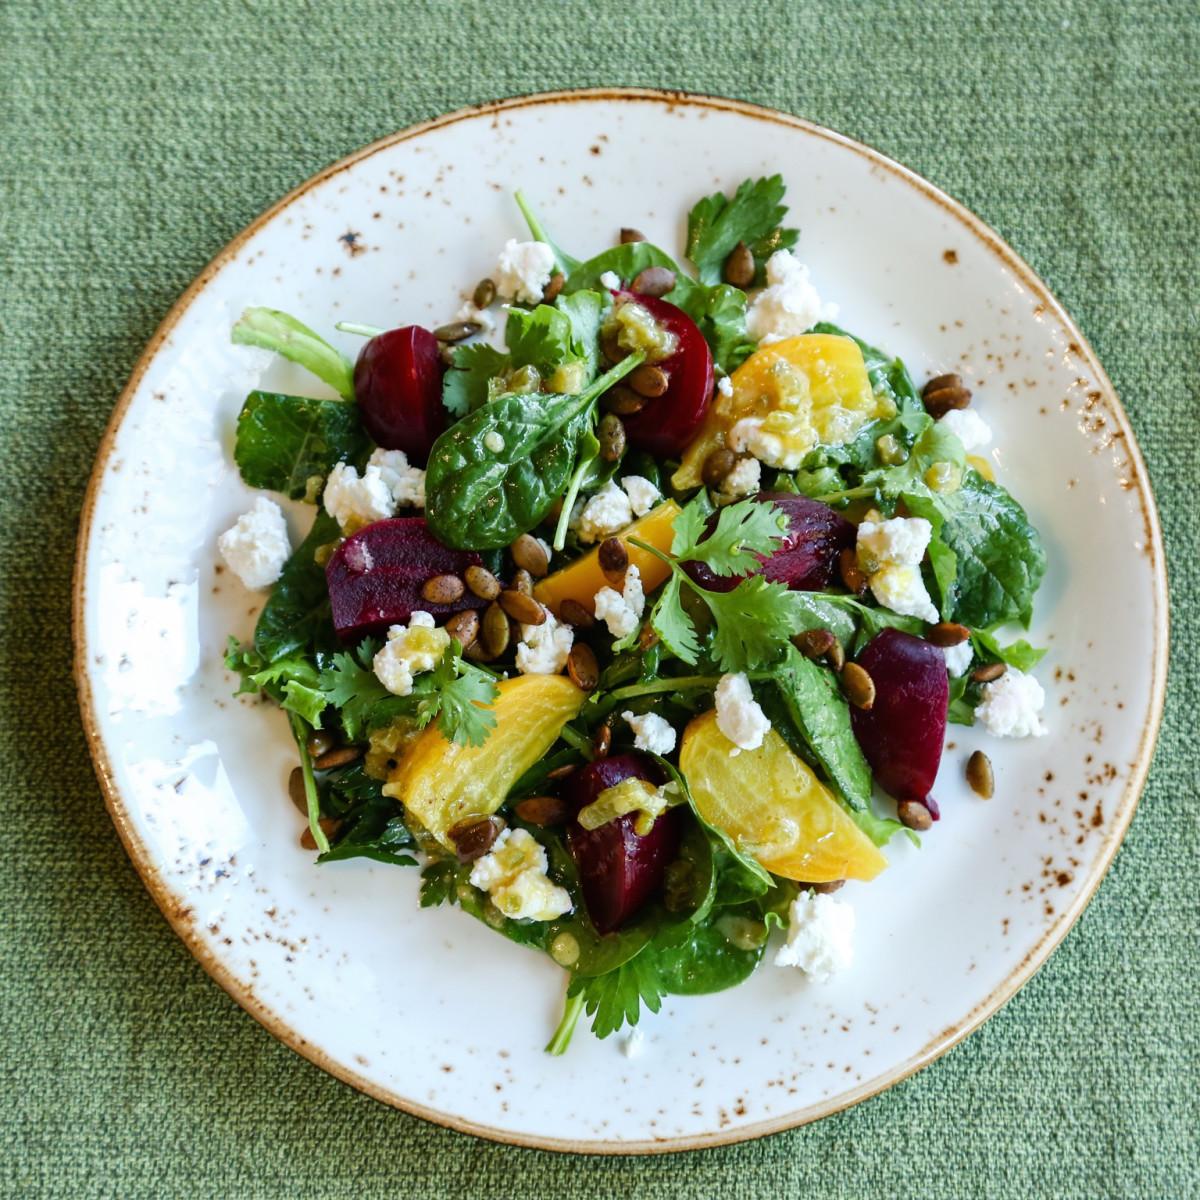 Aaron Sanchez beet salad